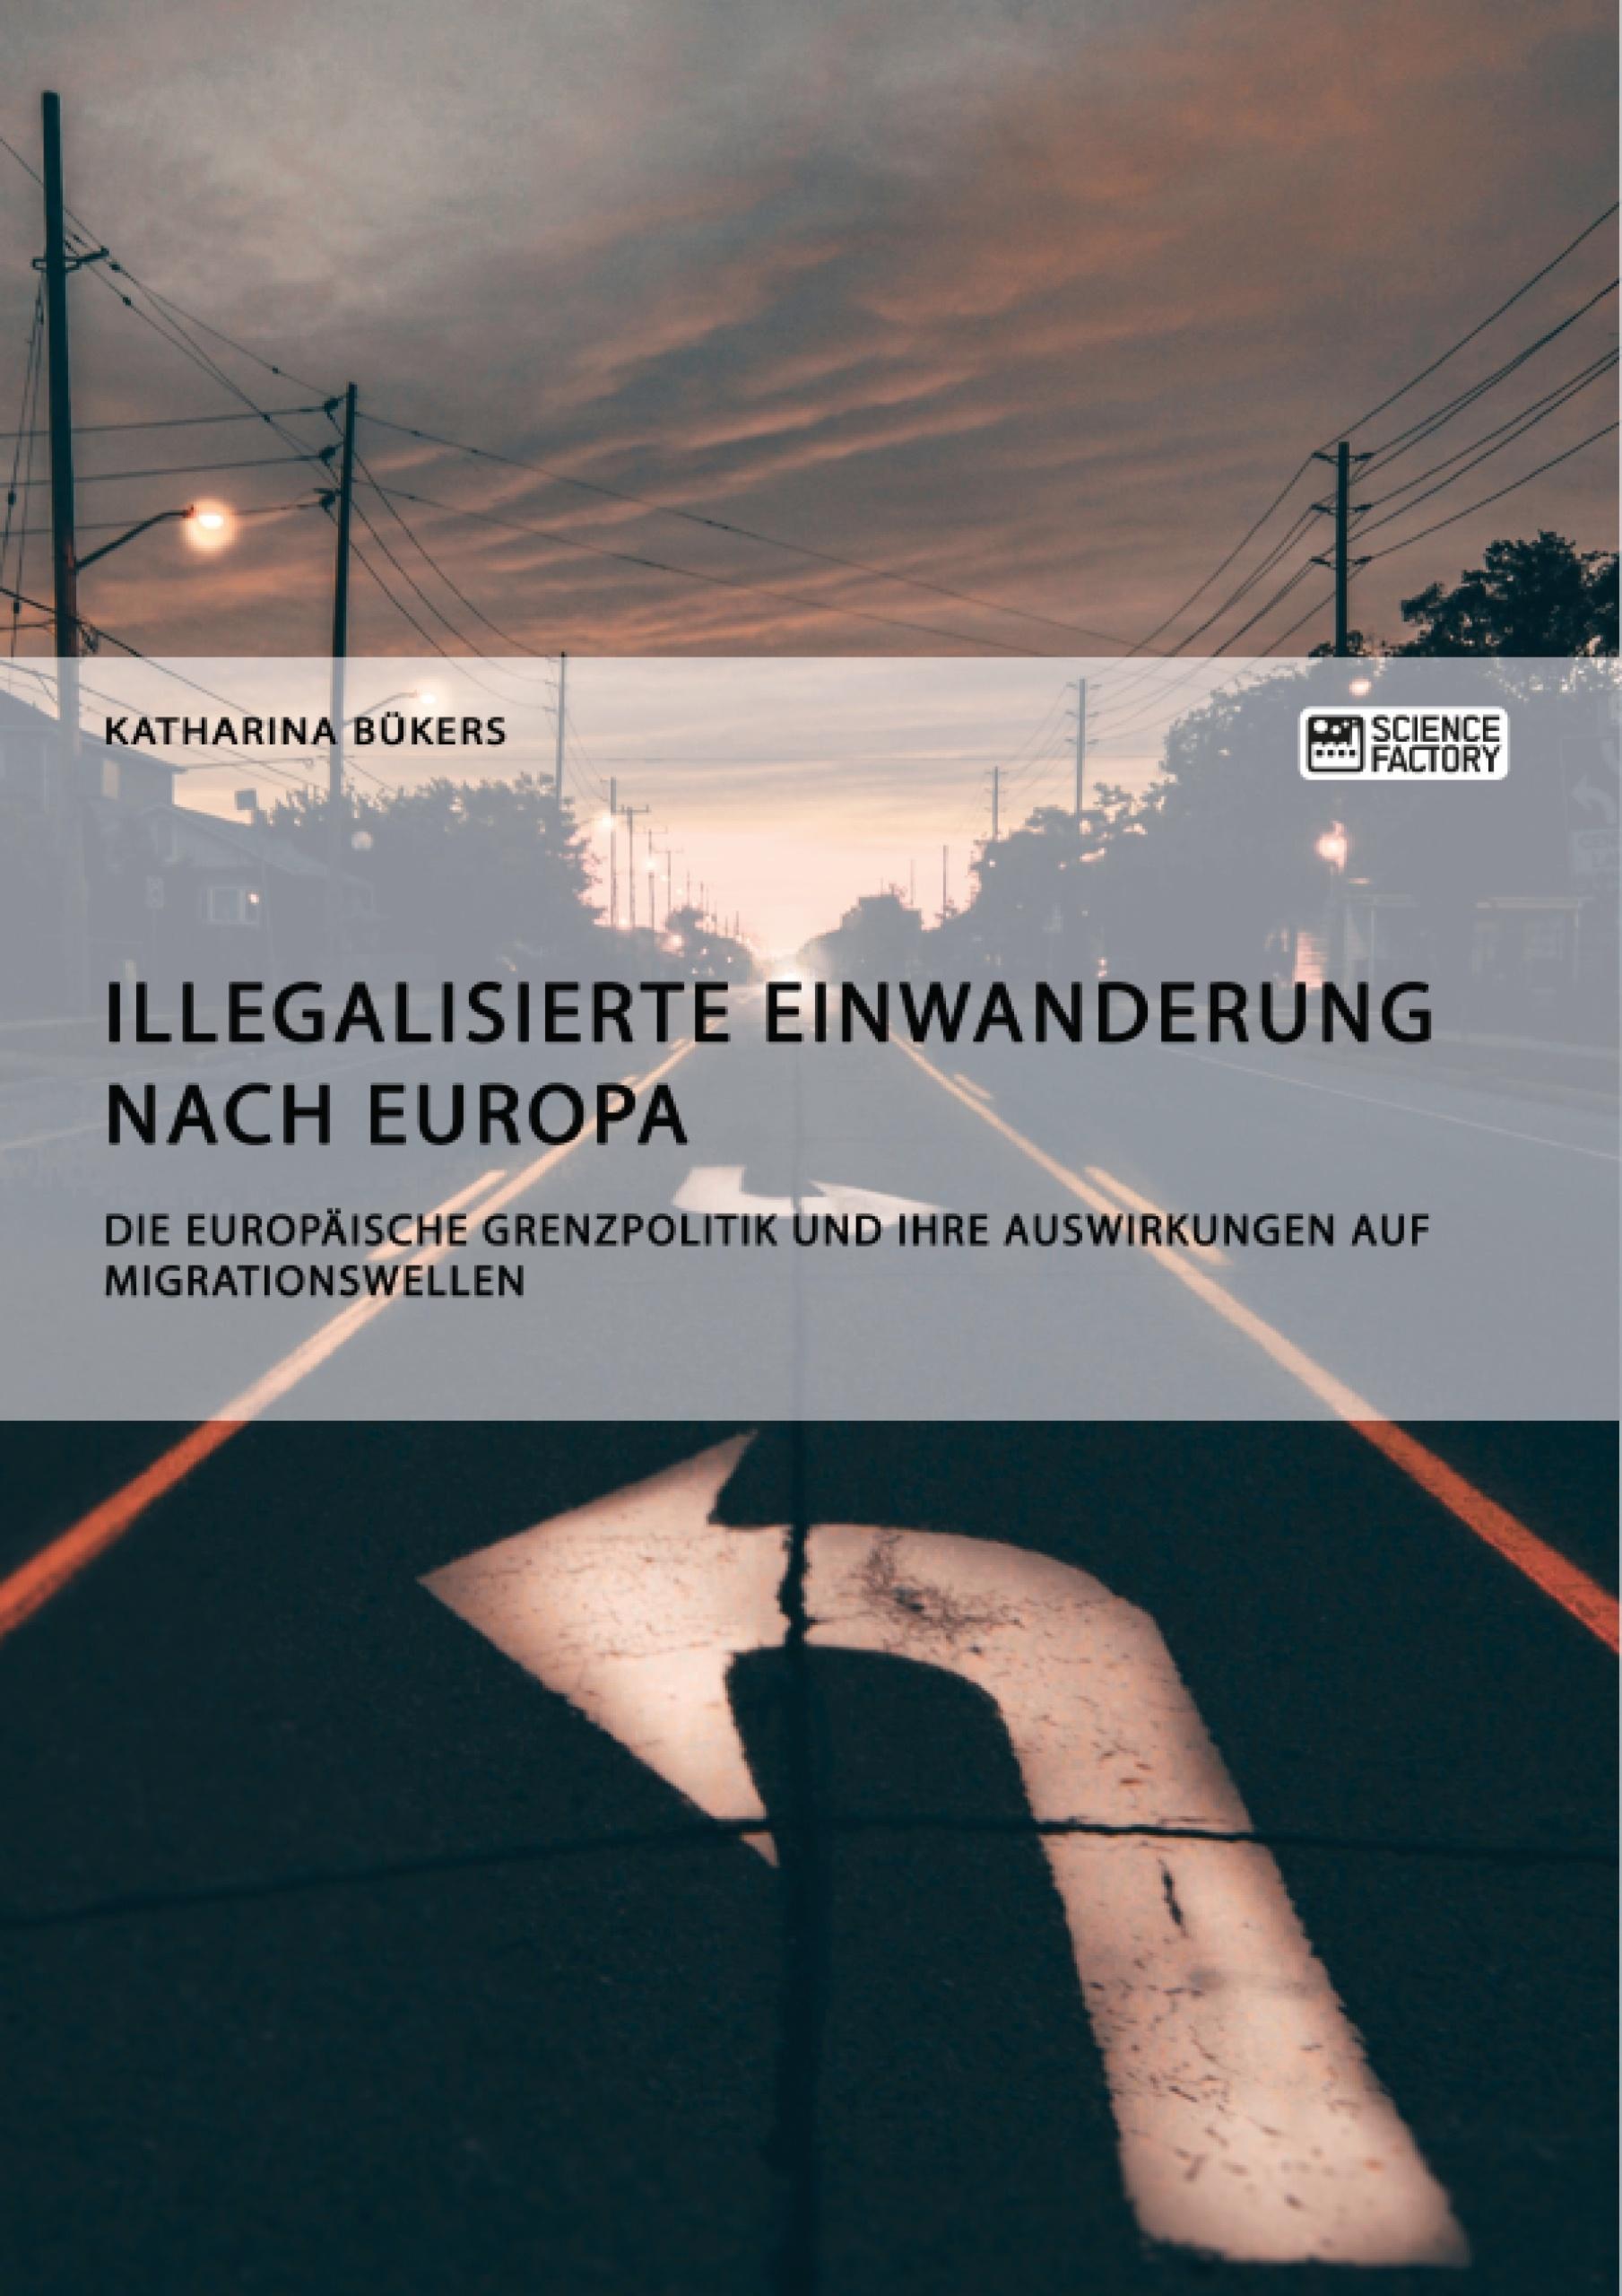 Titel: Illegalisierte Einwanderung nach Europa. Die europäische Grenzpolitik und ihre Auswirkungen auf Migrationswellen